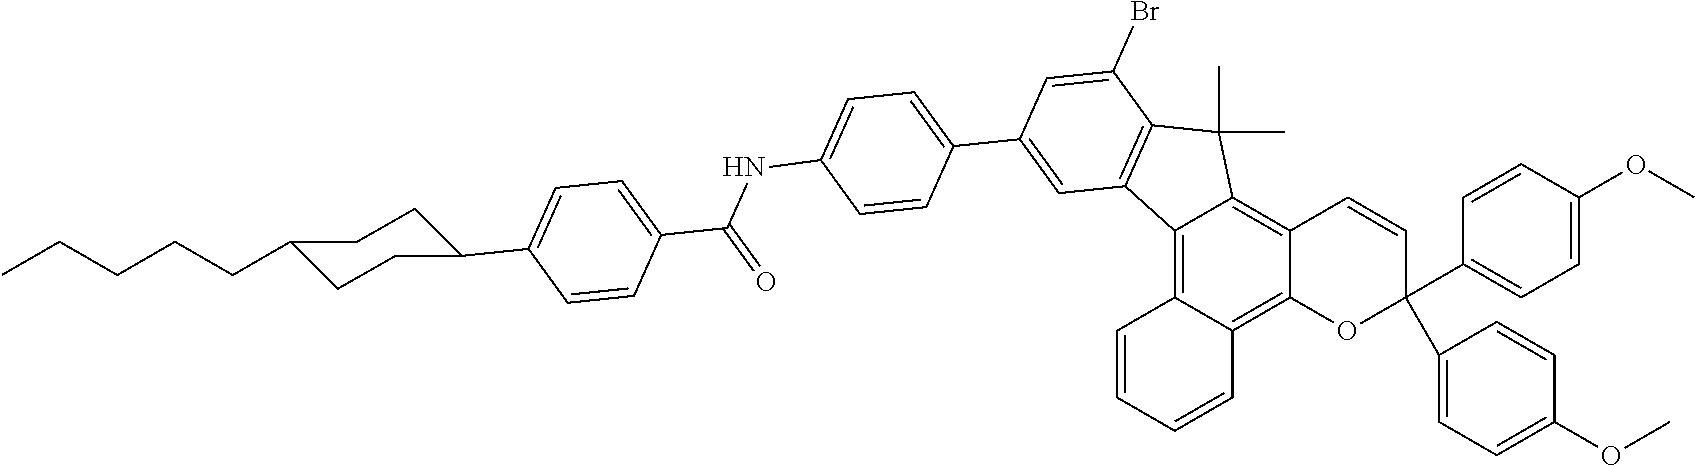 Figure US08545984-20131001-C00020